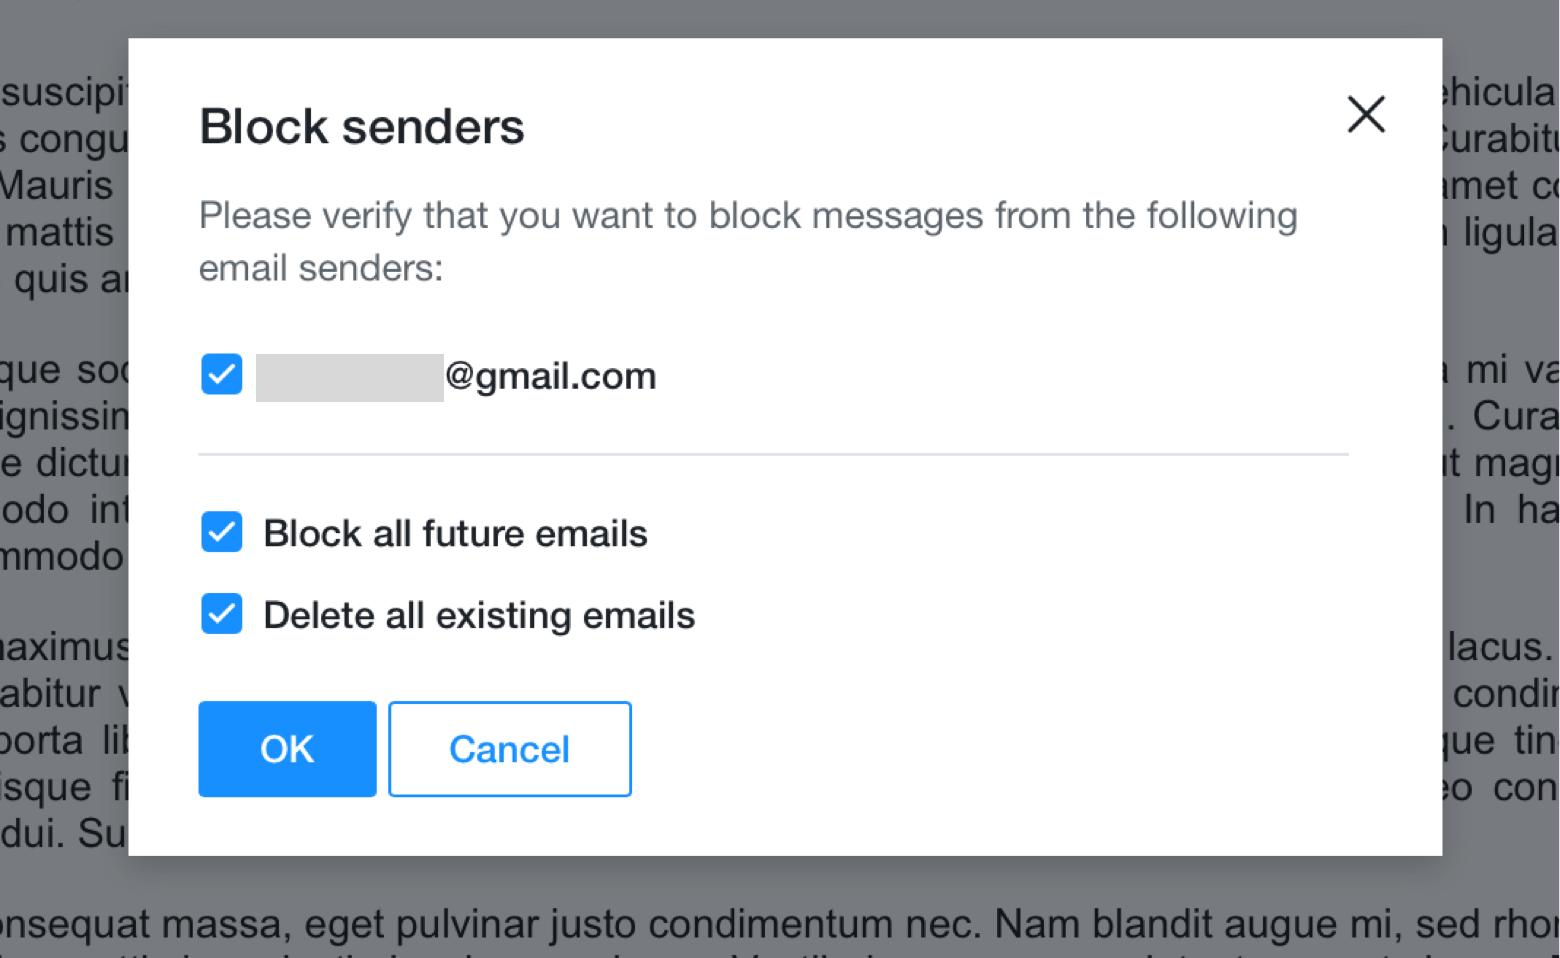 confirm blocking